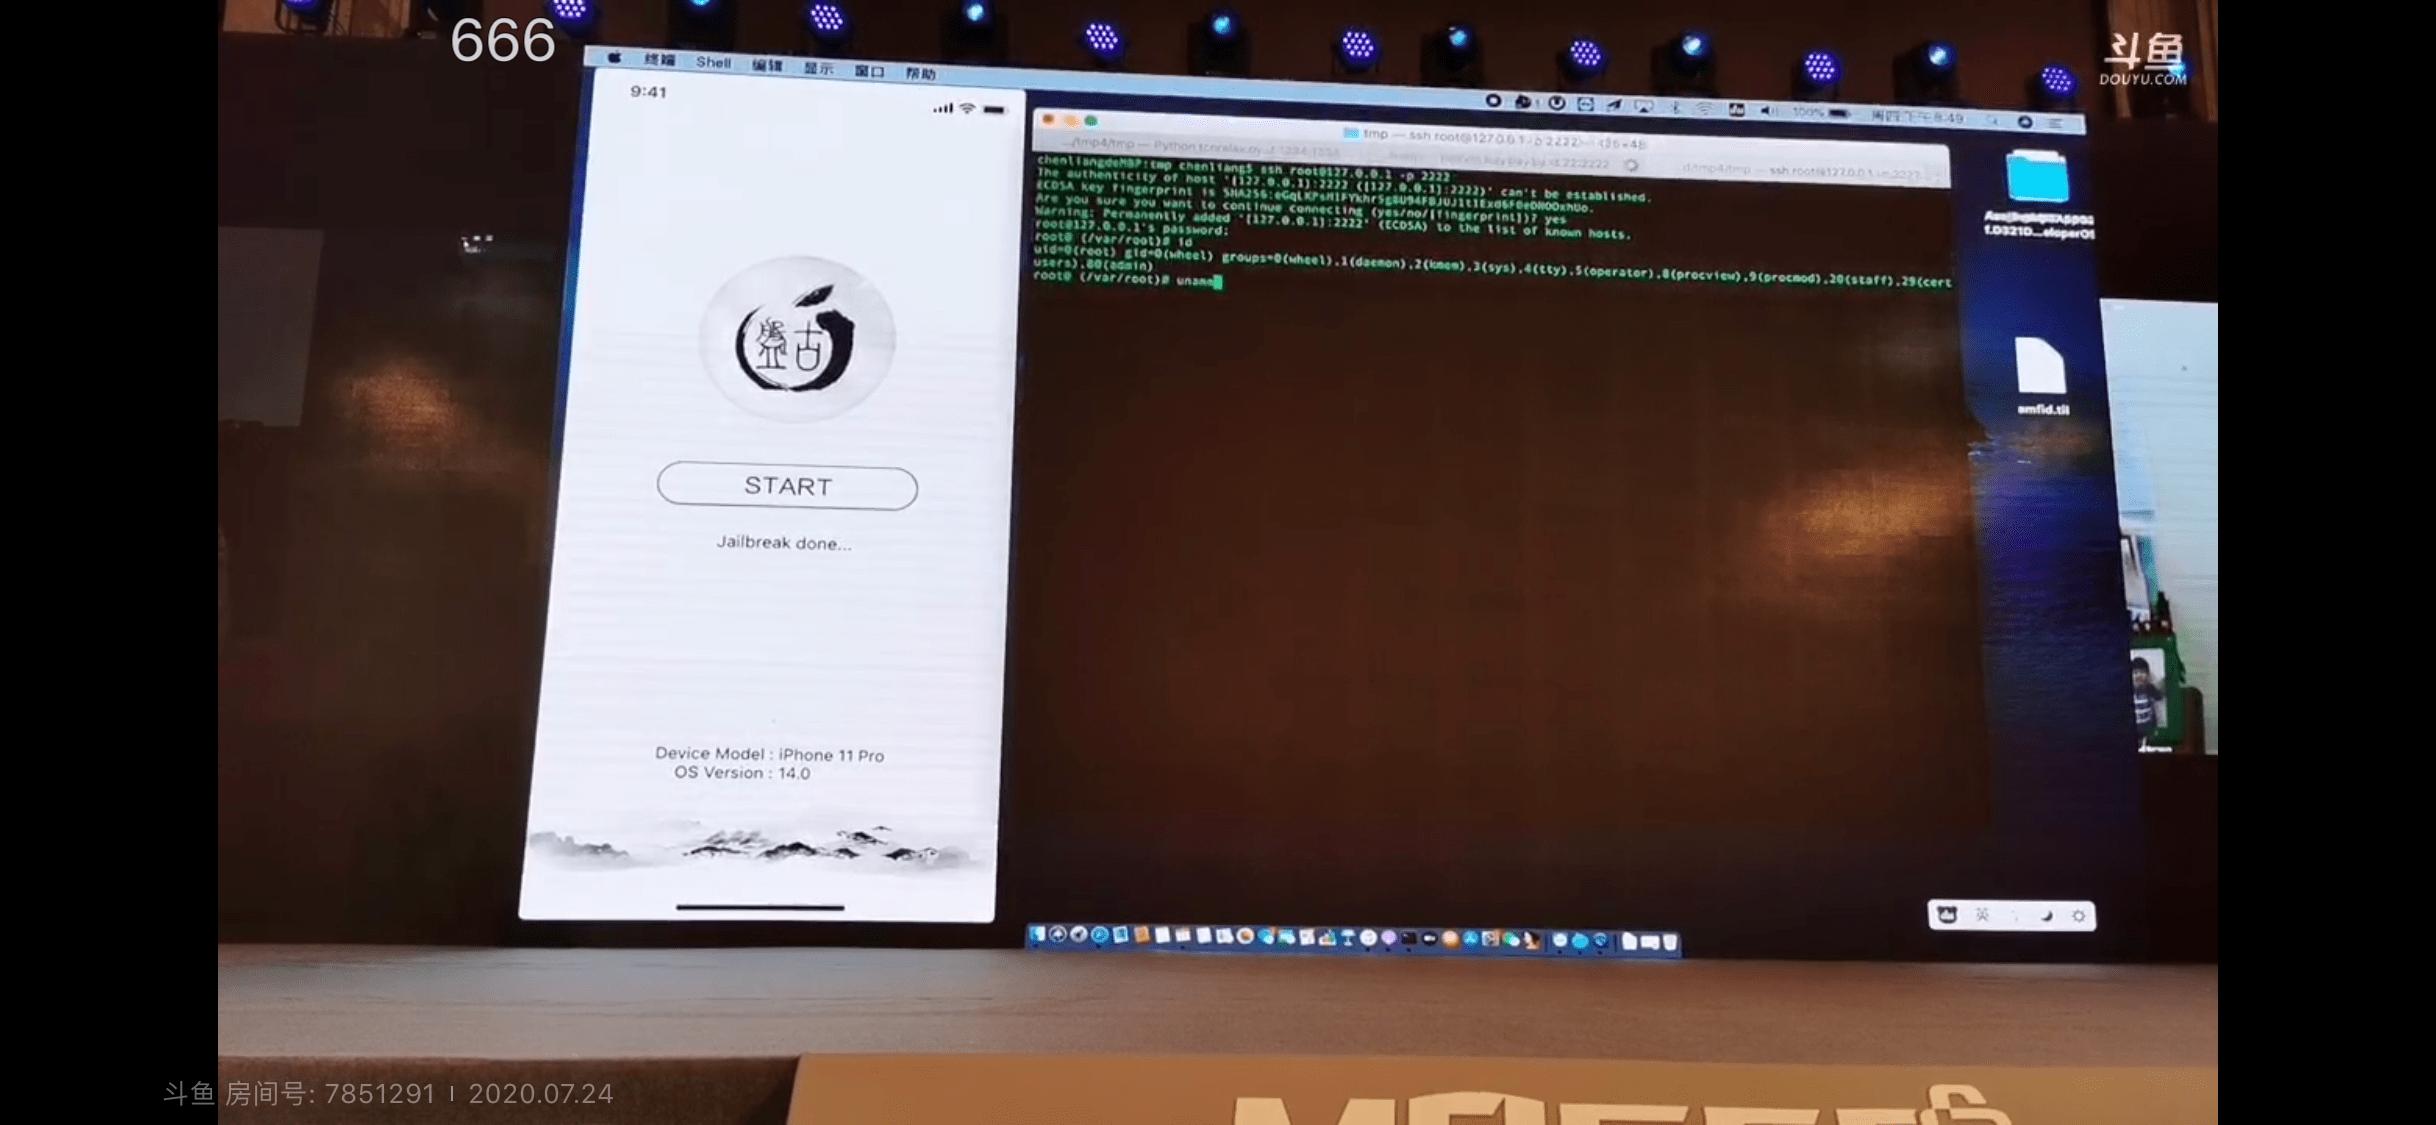 Apresentações da equipe Pangu em execução no iOS 14 jailbreak no Mosec 2020 1